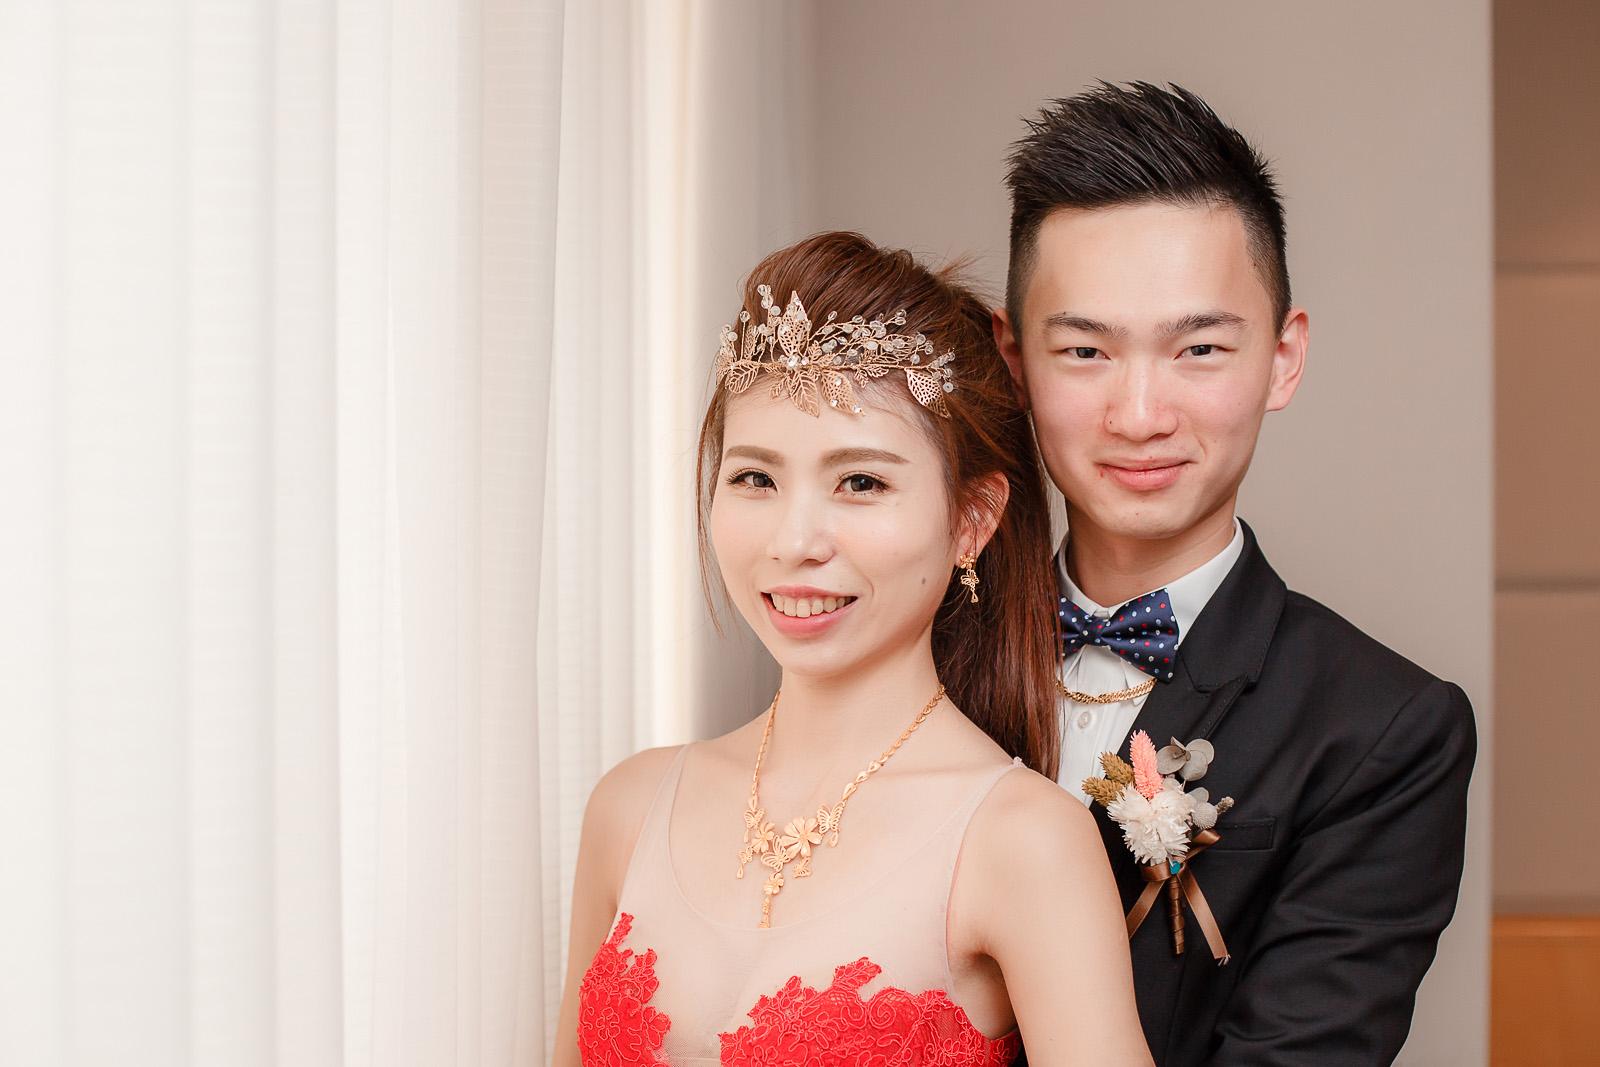 高雄圓山飯店,婚禮攝影,婚攝,高雄婚攝,優質婚攝推薦,Jen&Ethan-066